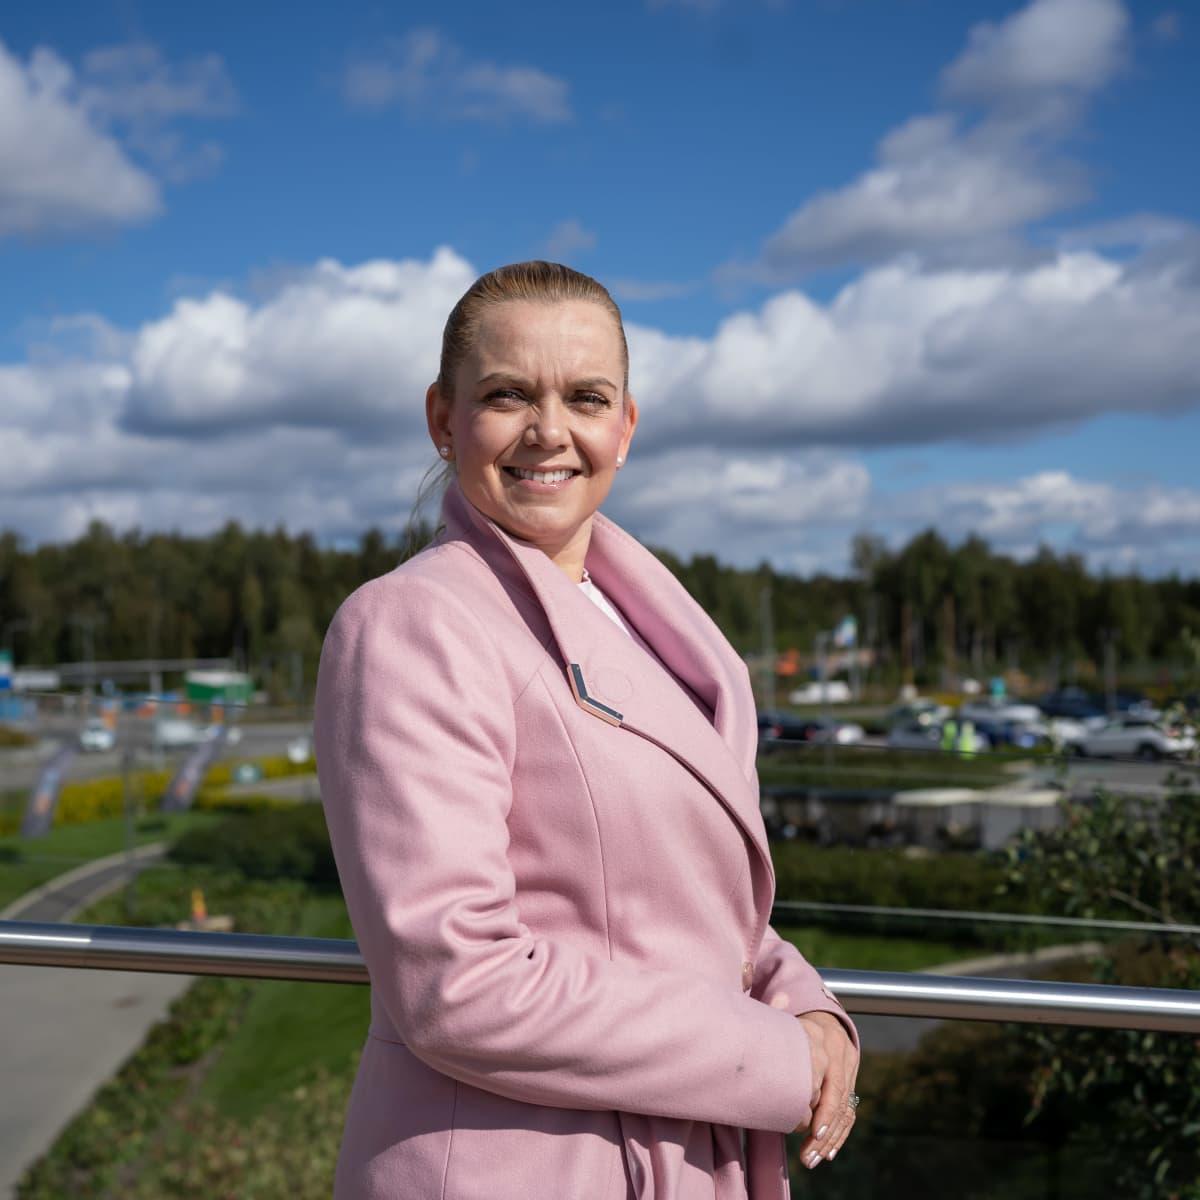 AKT:n ammattiosaston 208 ja SLSY:n puheenjohtaja Marianne Arteva, Espoo, 3.9.2021.